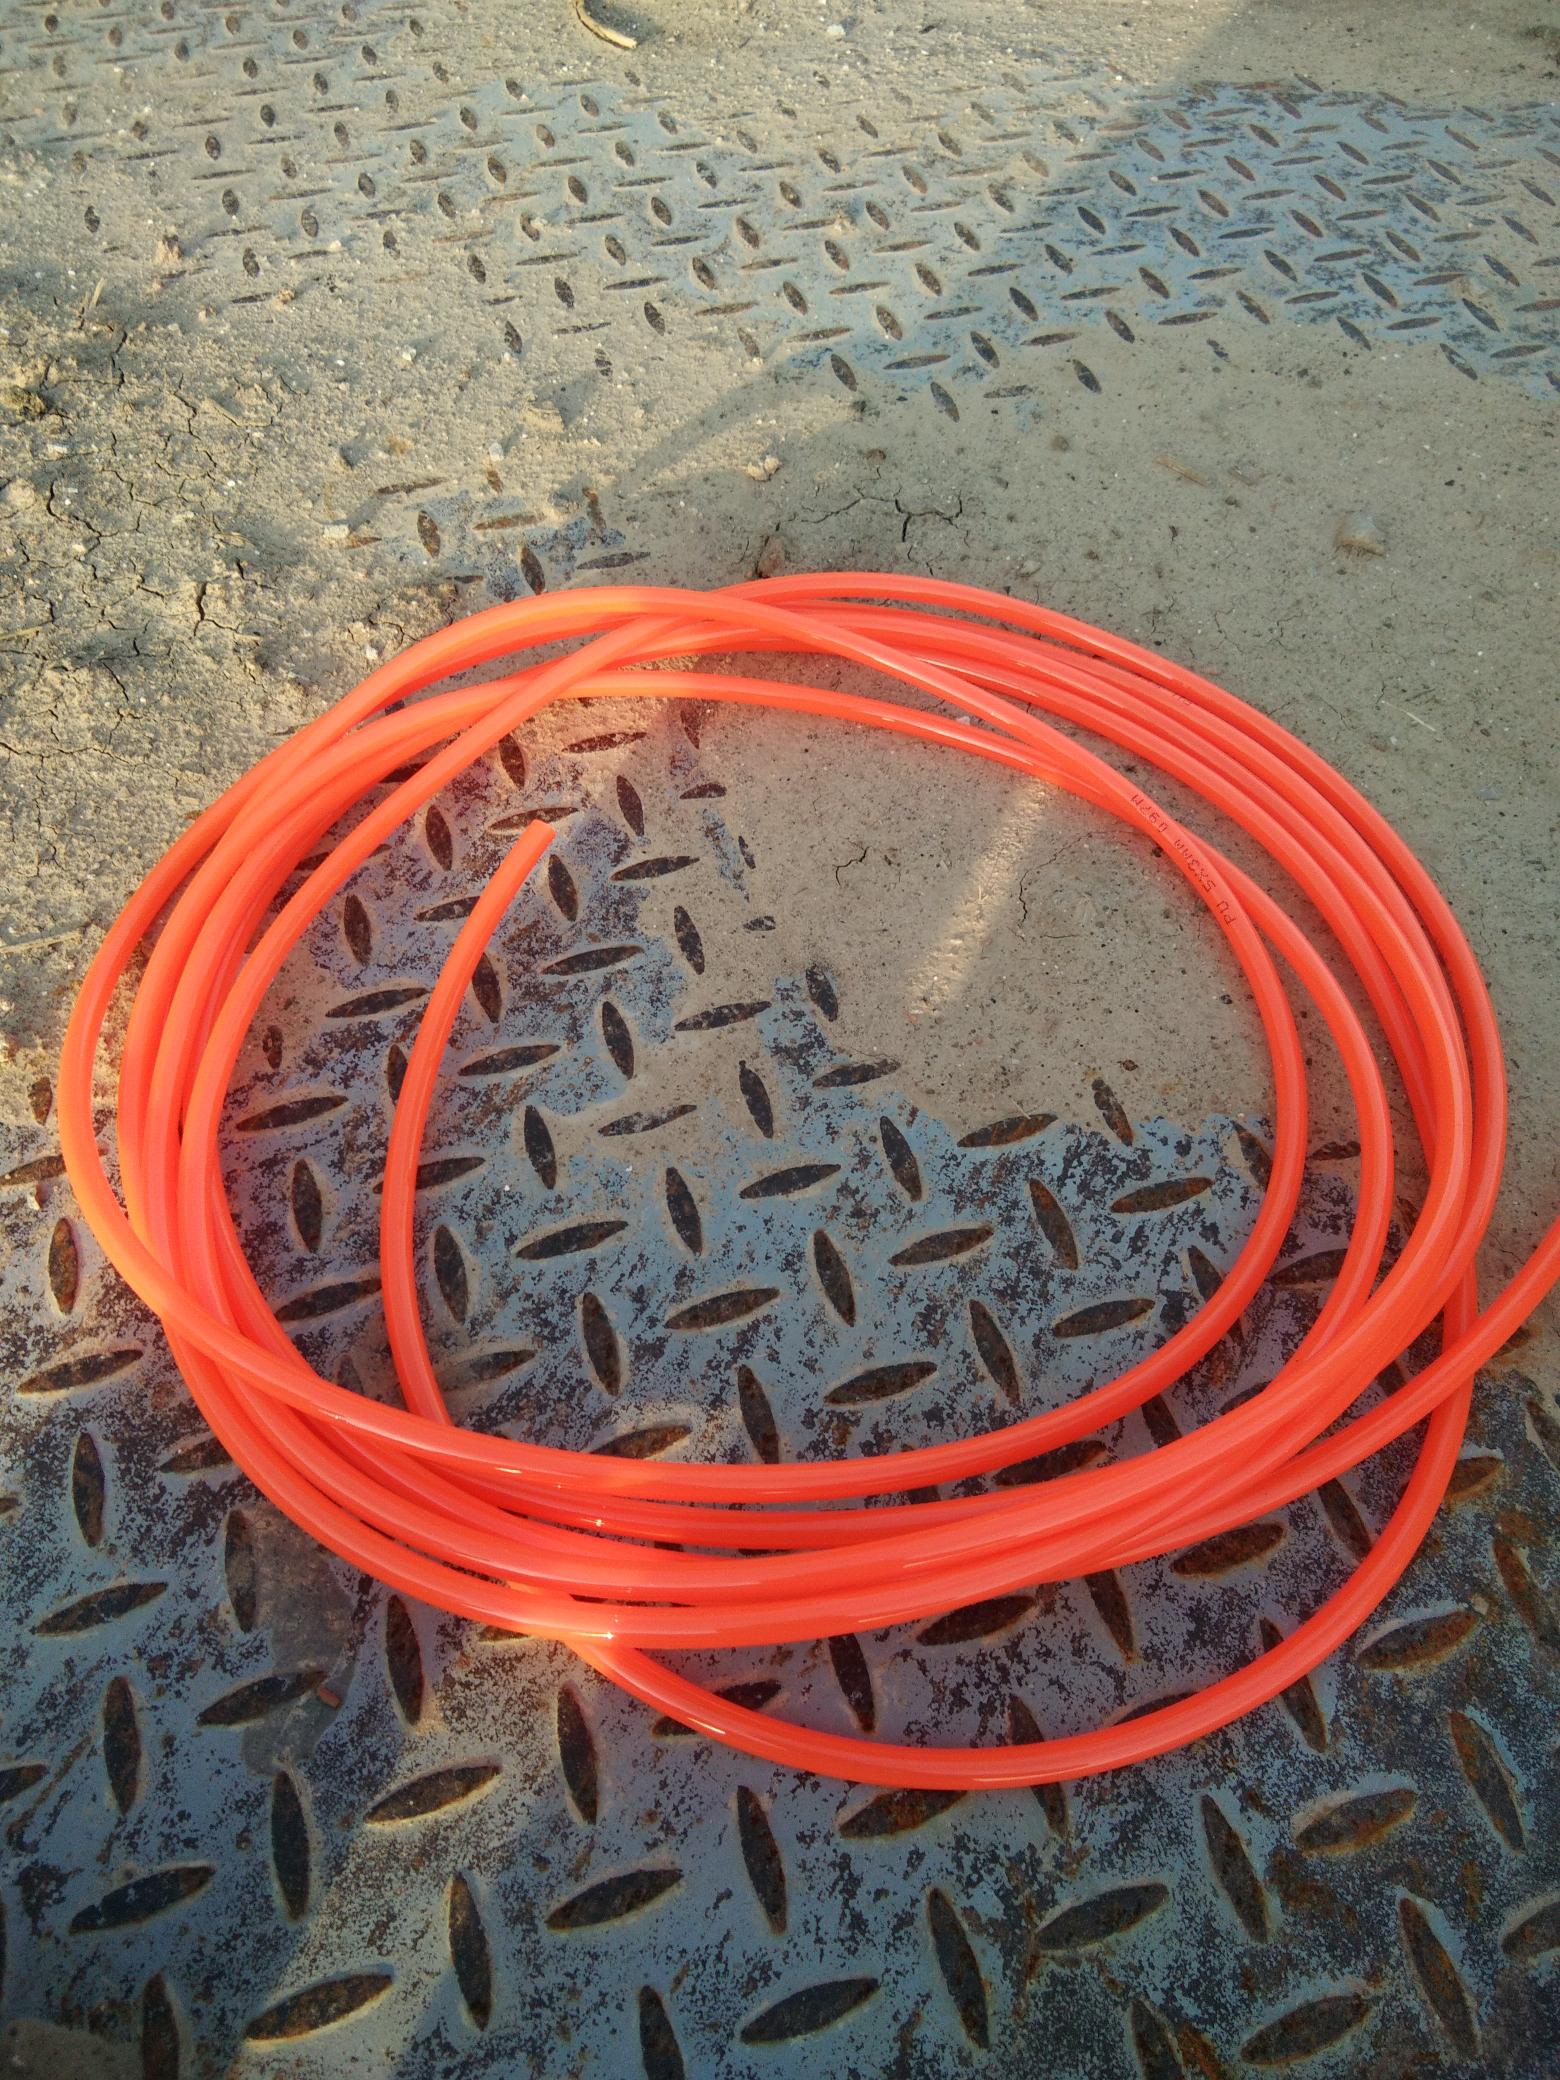 气管子。1,5元一米,买了7米